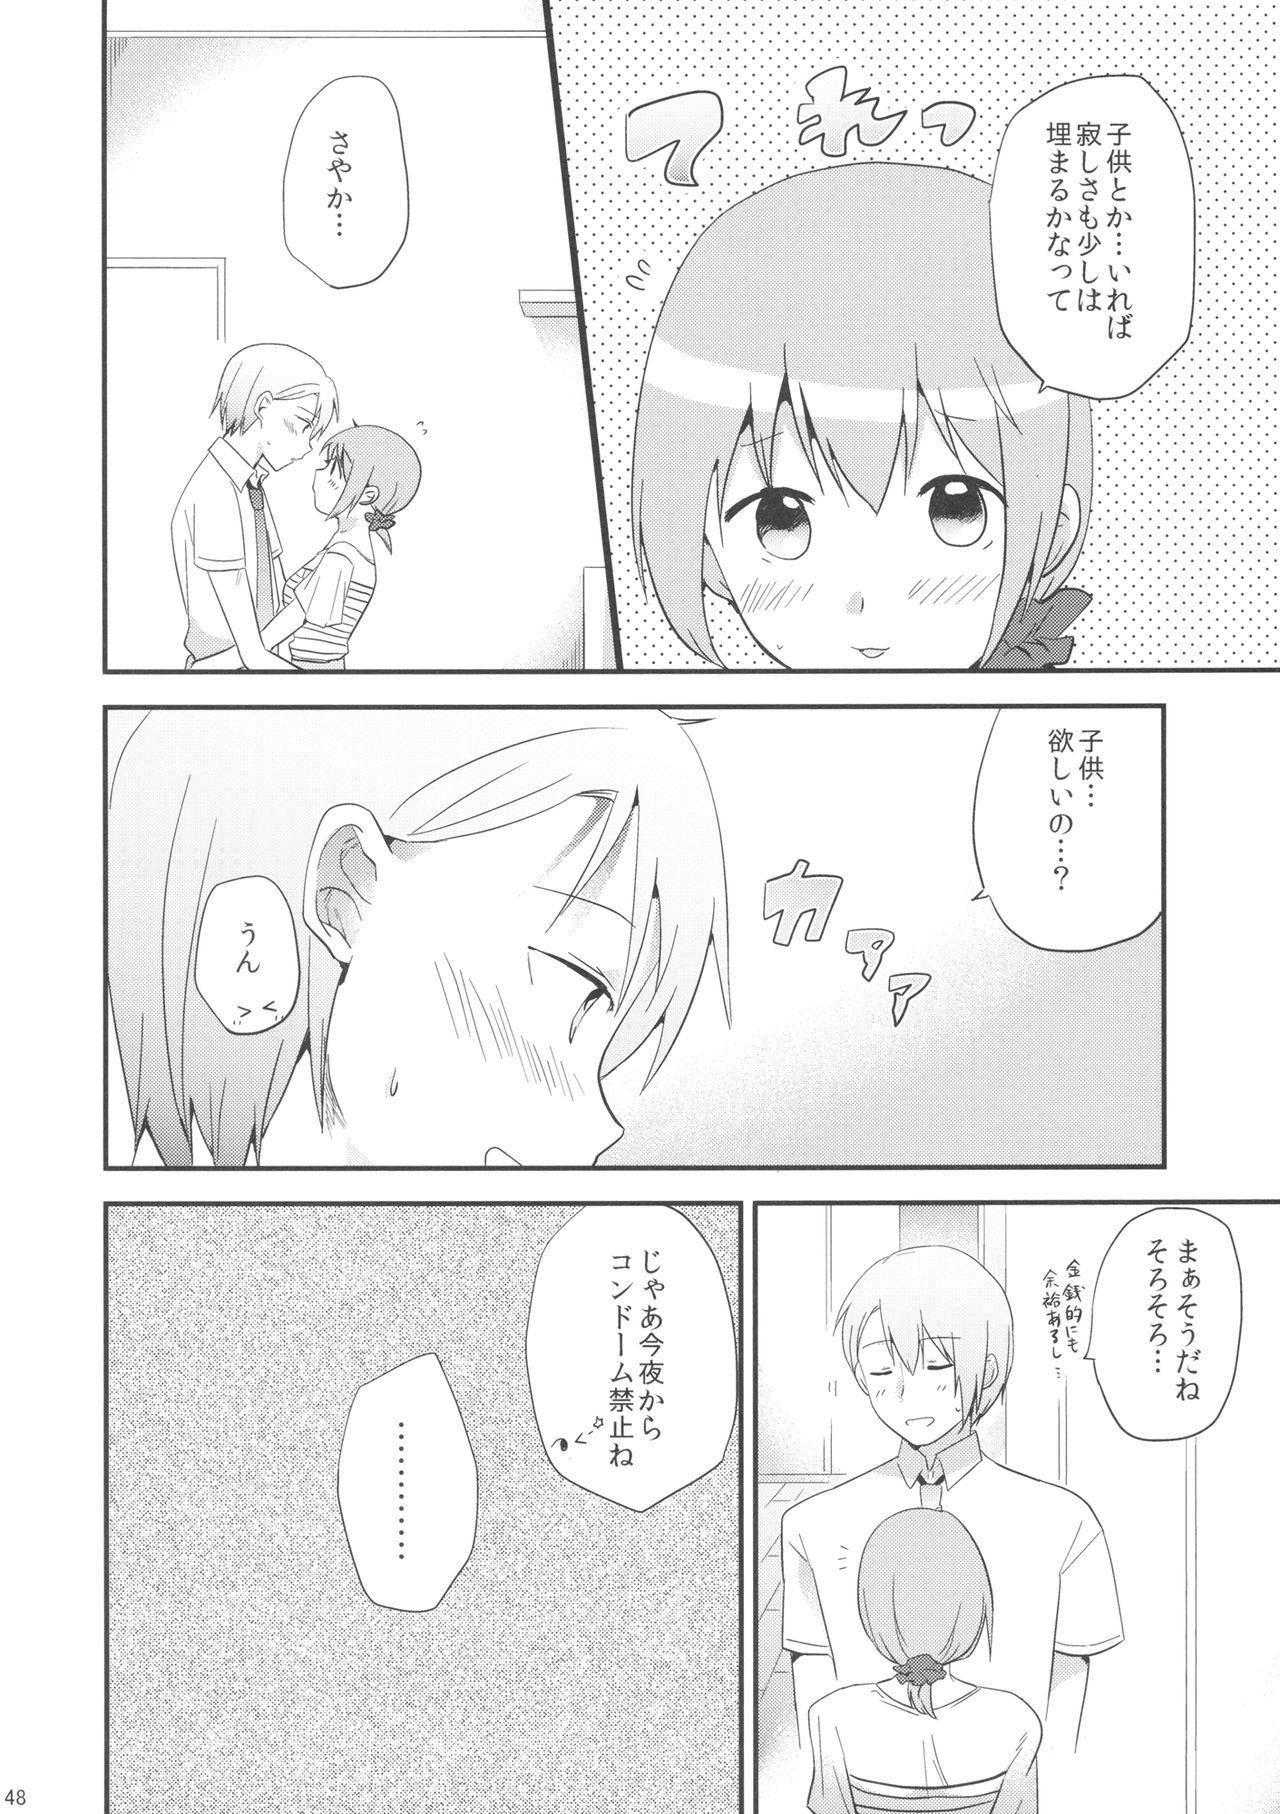 if Kanzenban 46